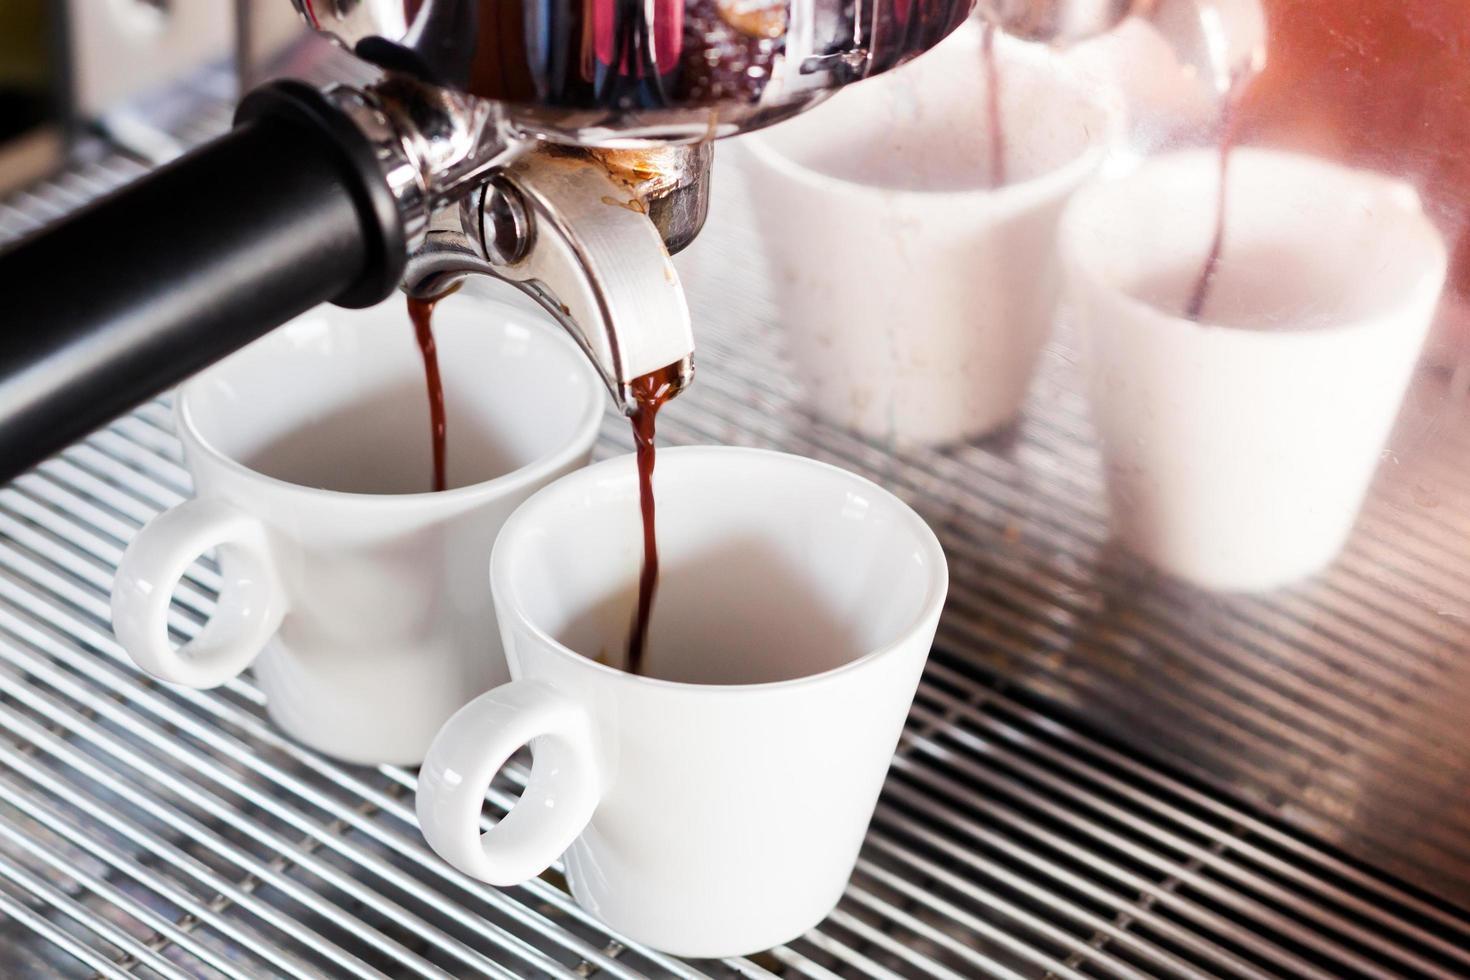 Espresso-Shots werden eingegossen foto